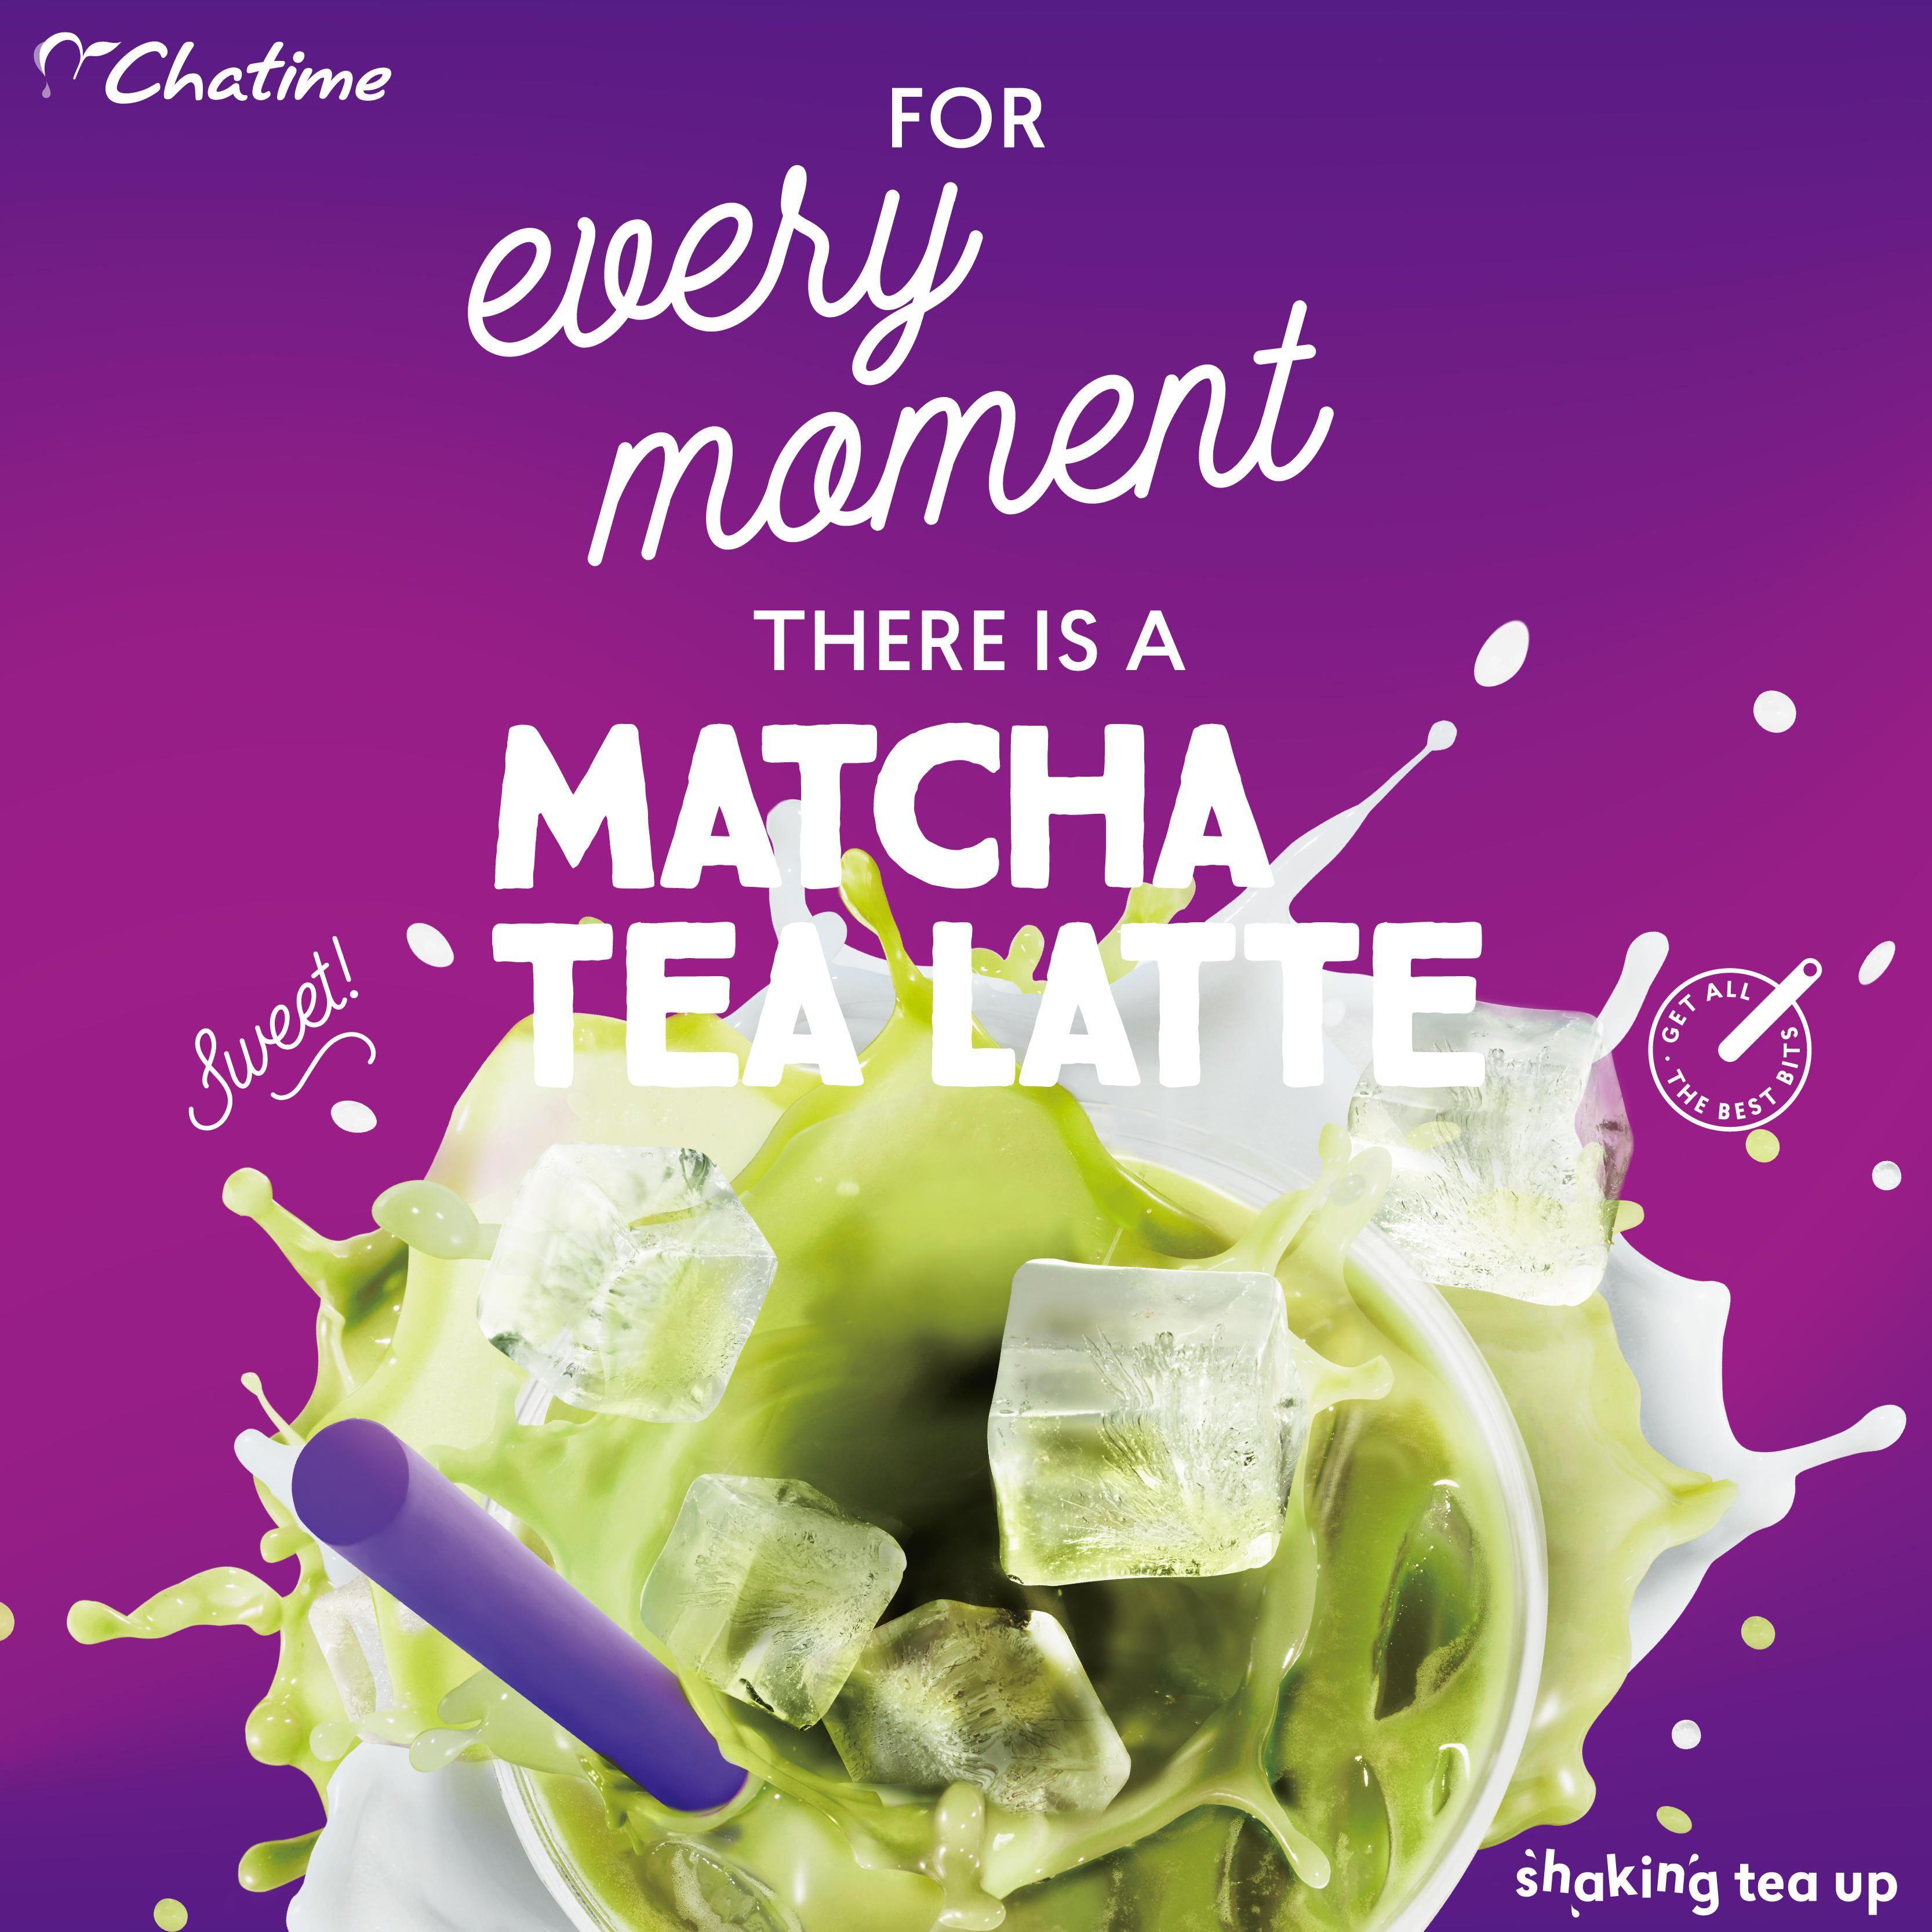 Chatime Bubble Tea & Slurping Noodles image 3